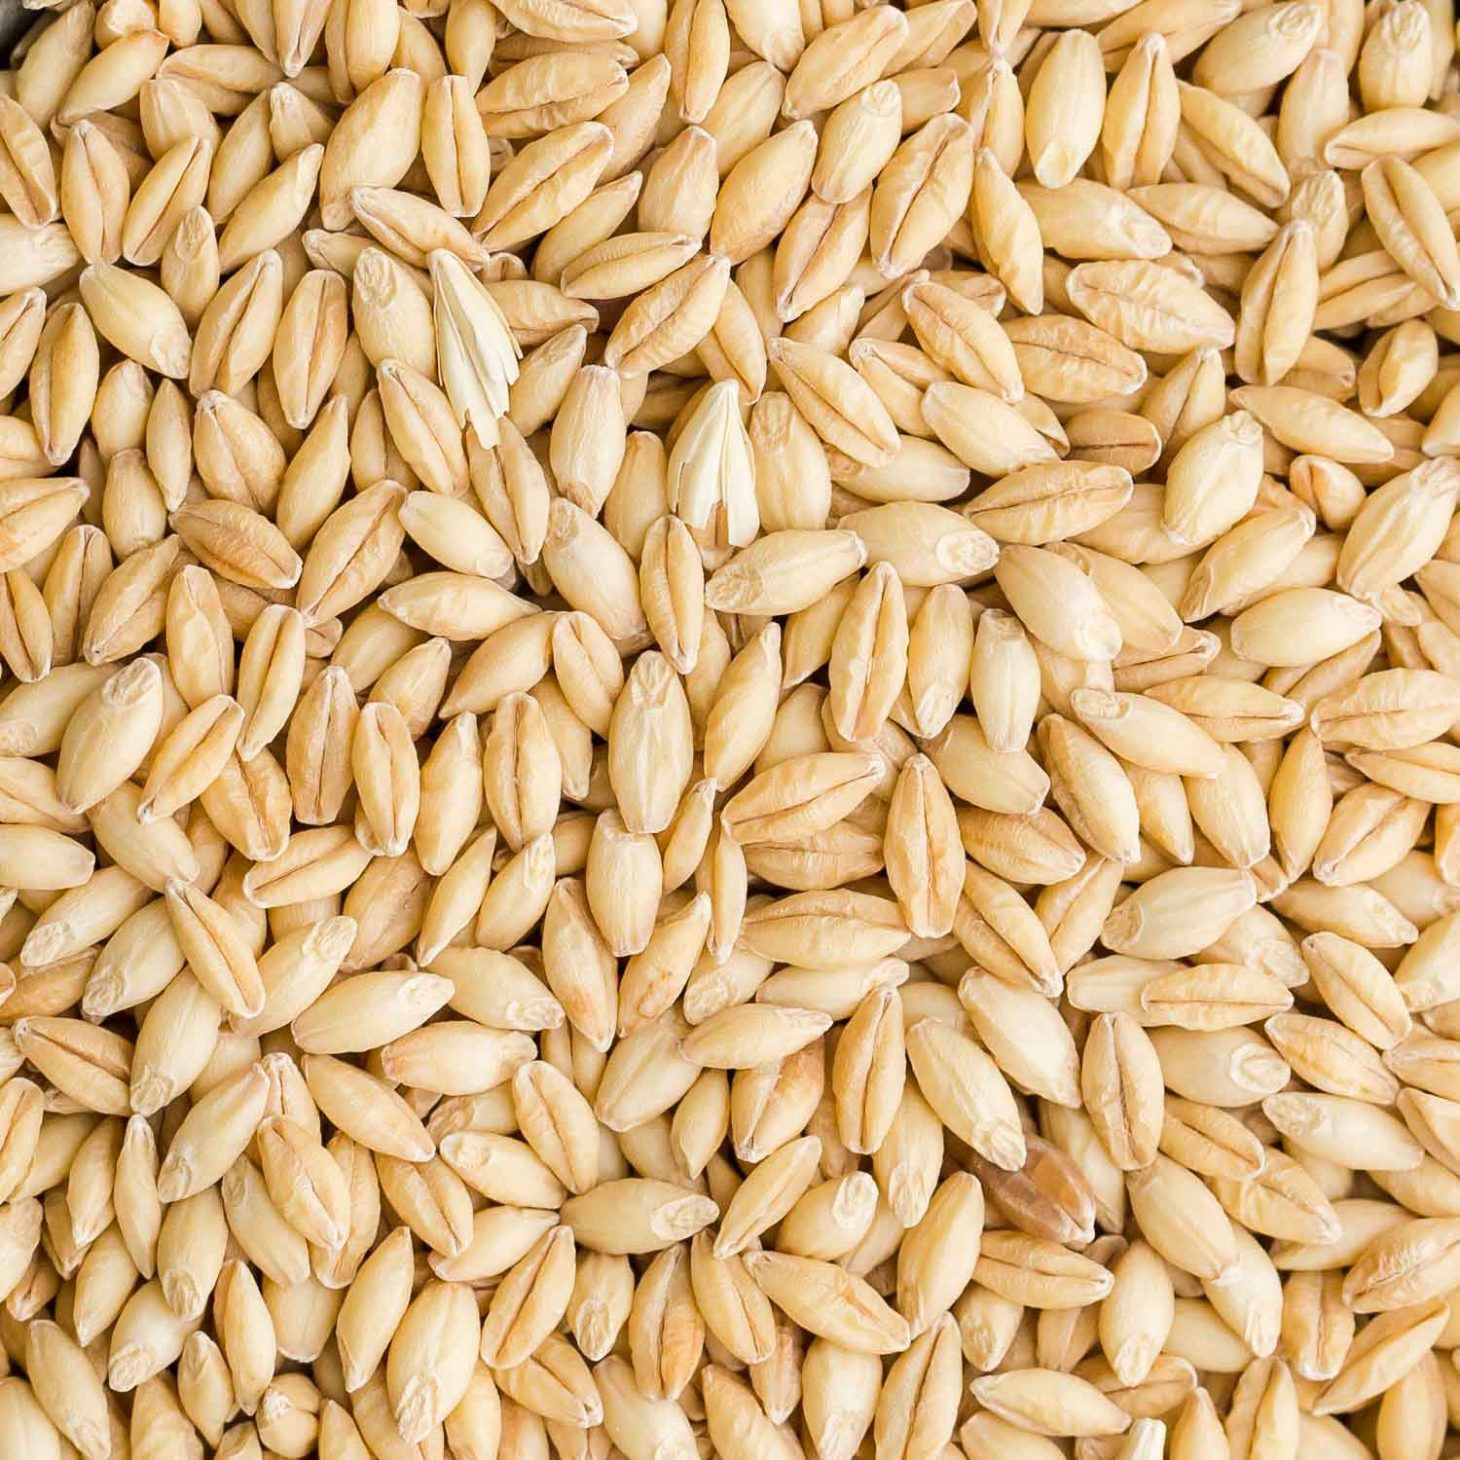 Barley - feed and food grade